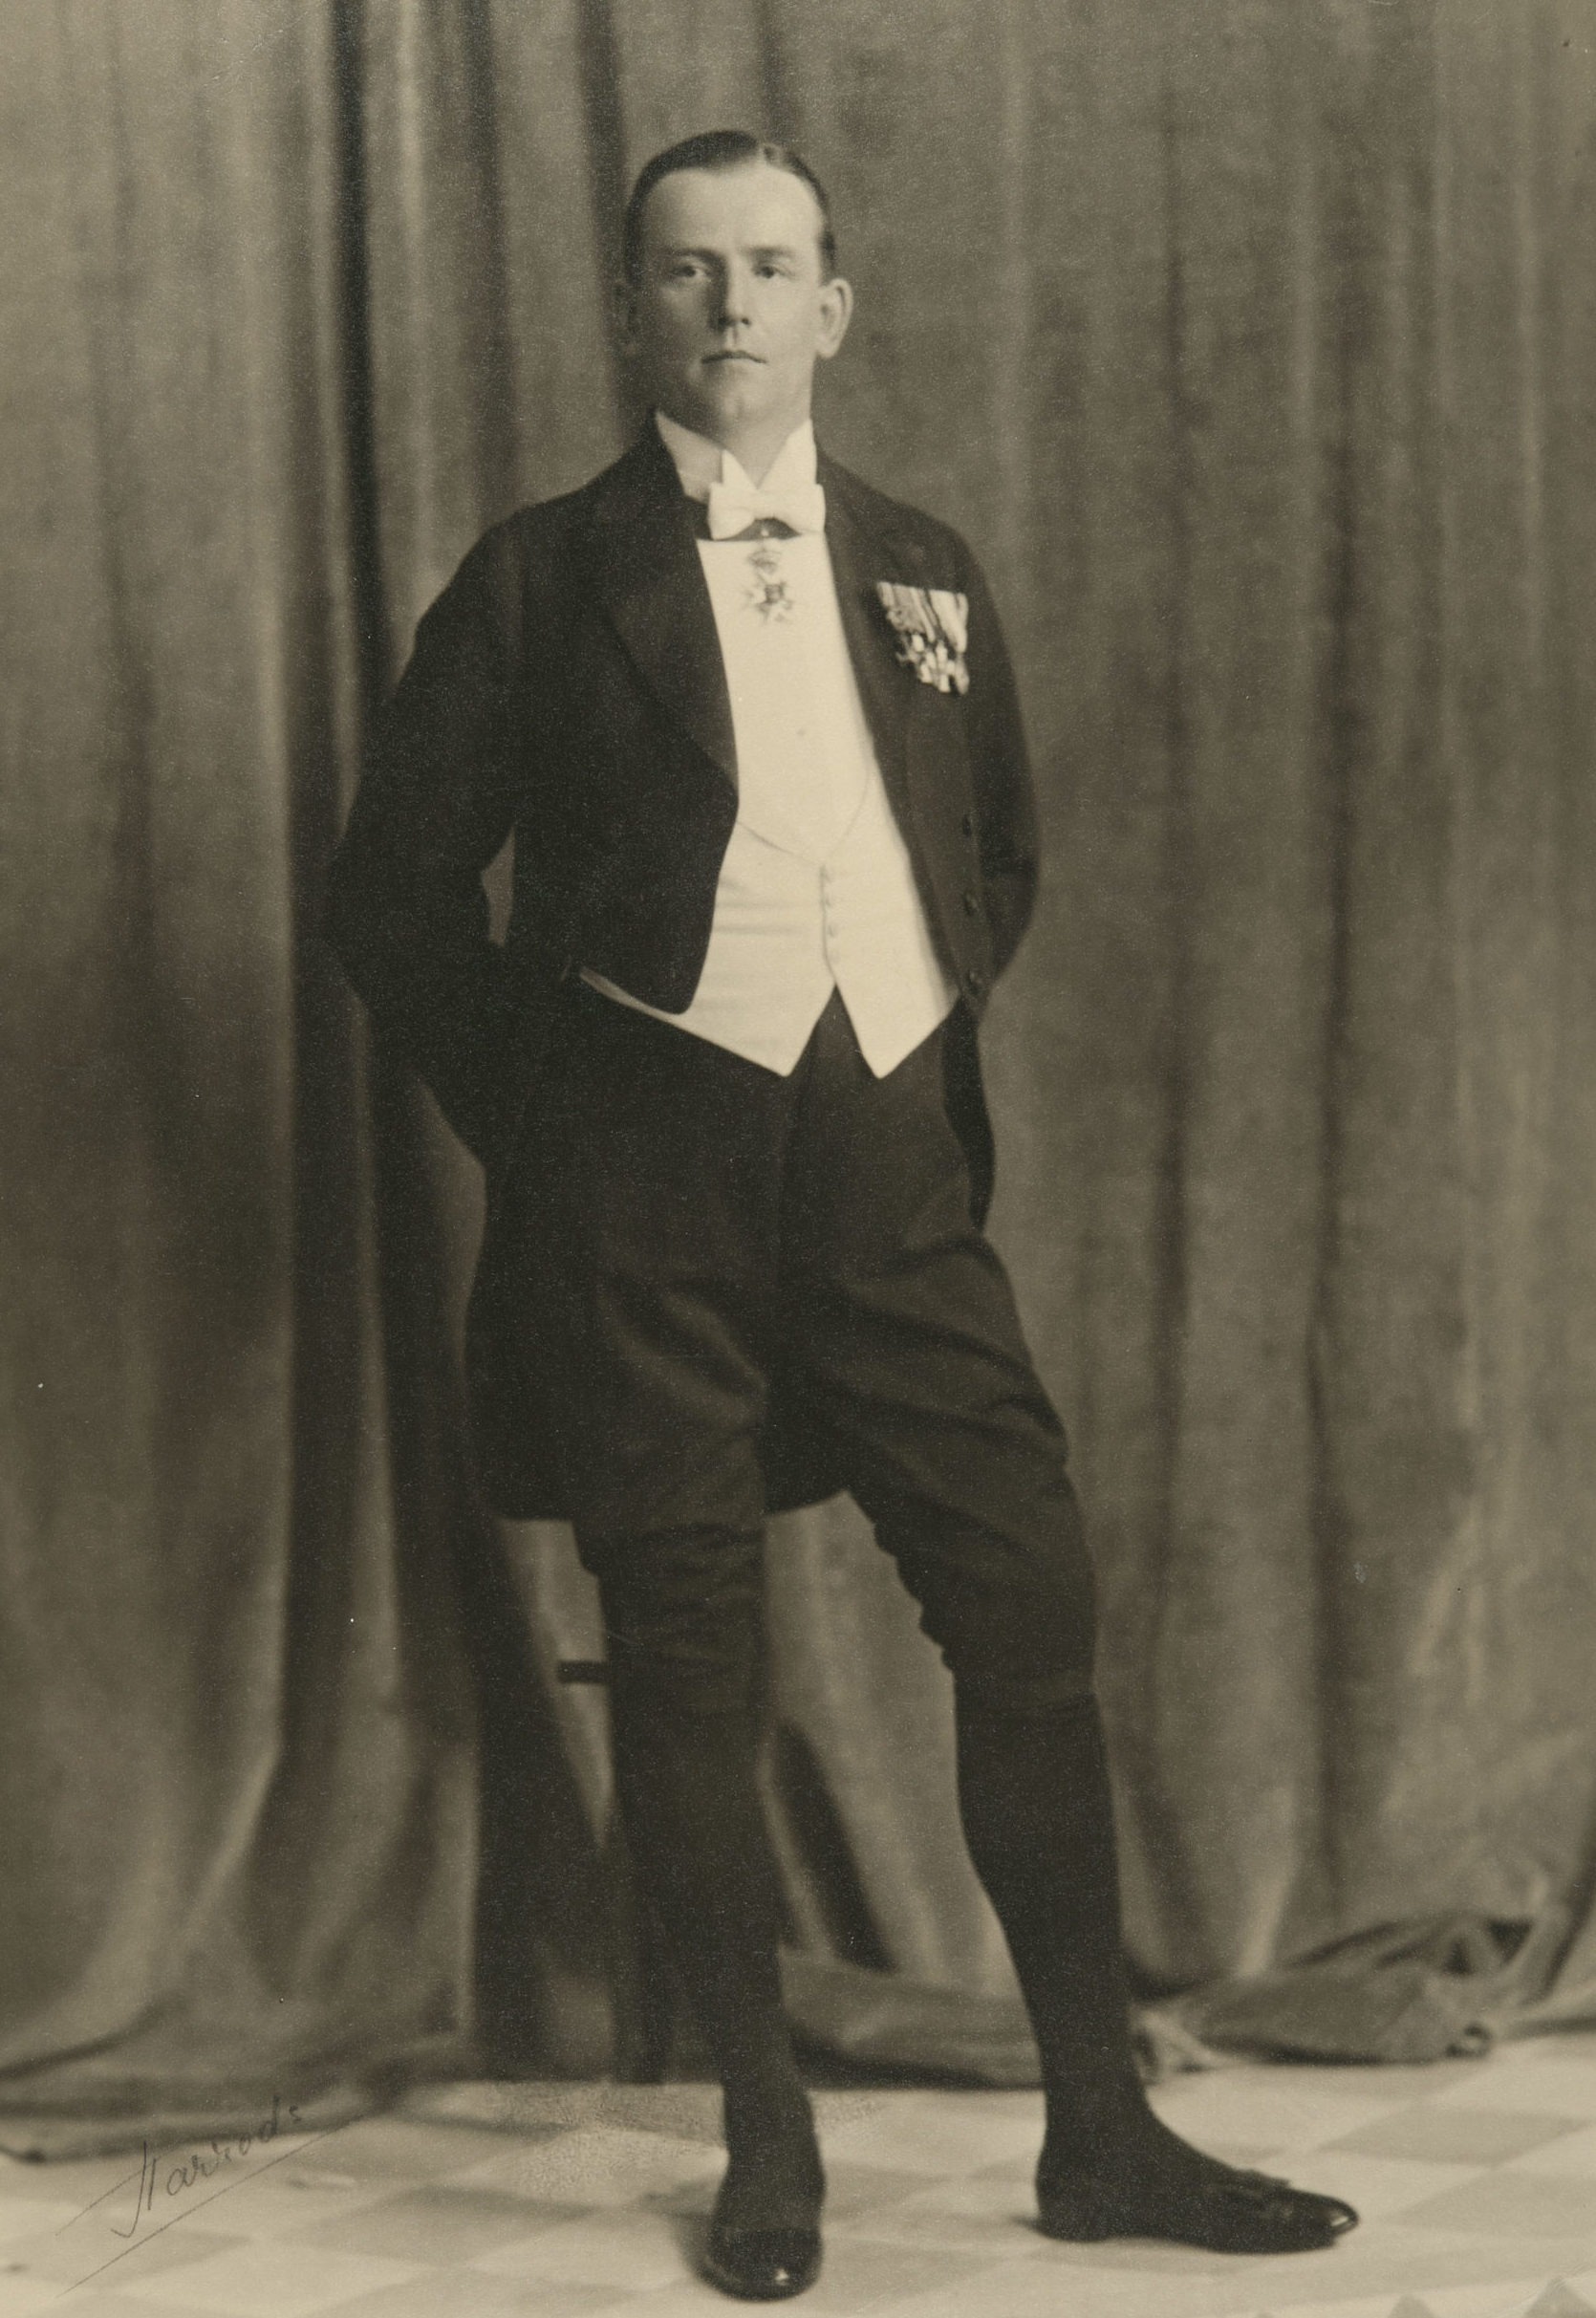 Suomen lähetystösihteeri Lontoossa Eino Wälikangas kuvattiin juhlavana 1920-luvun alussa Harrods-tavaratalossa. Kuva: Museovirasto